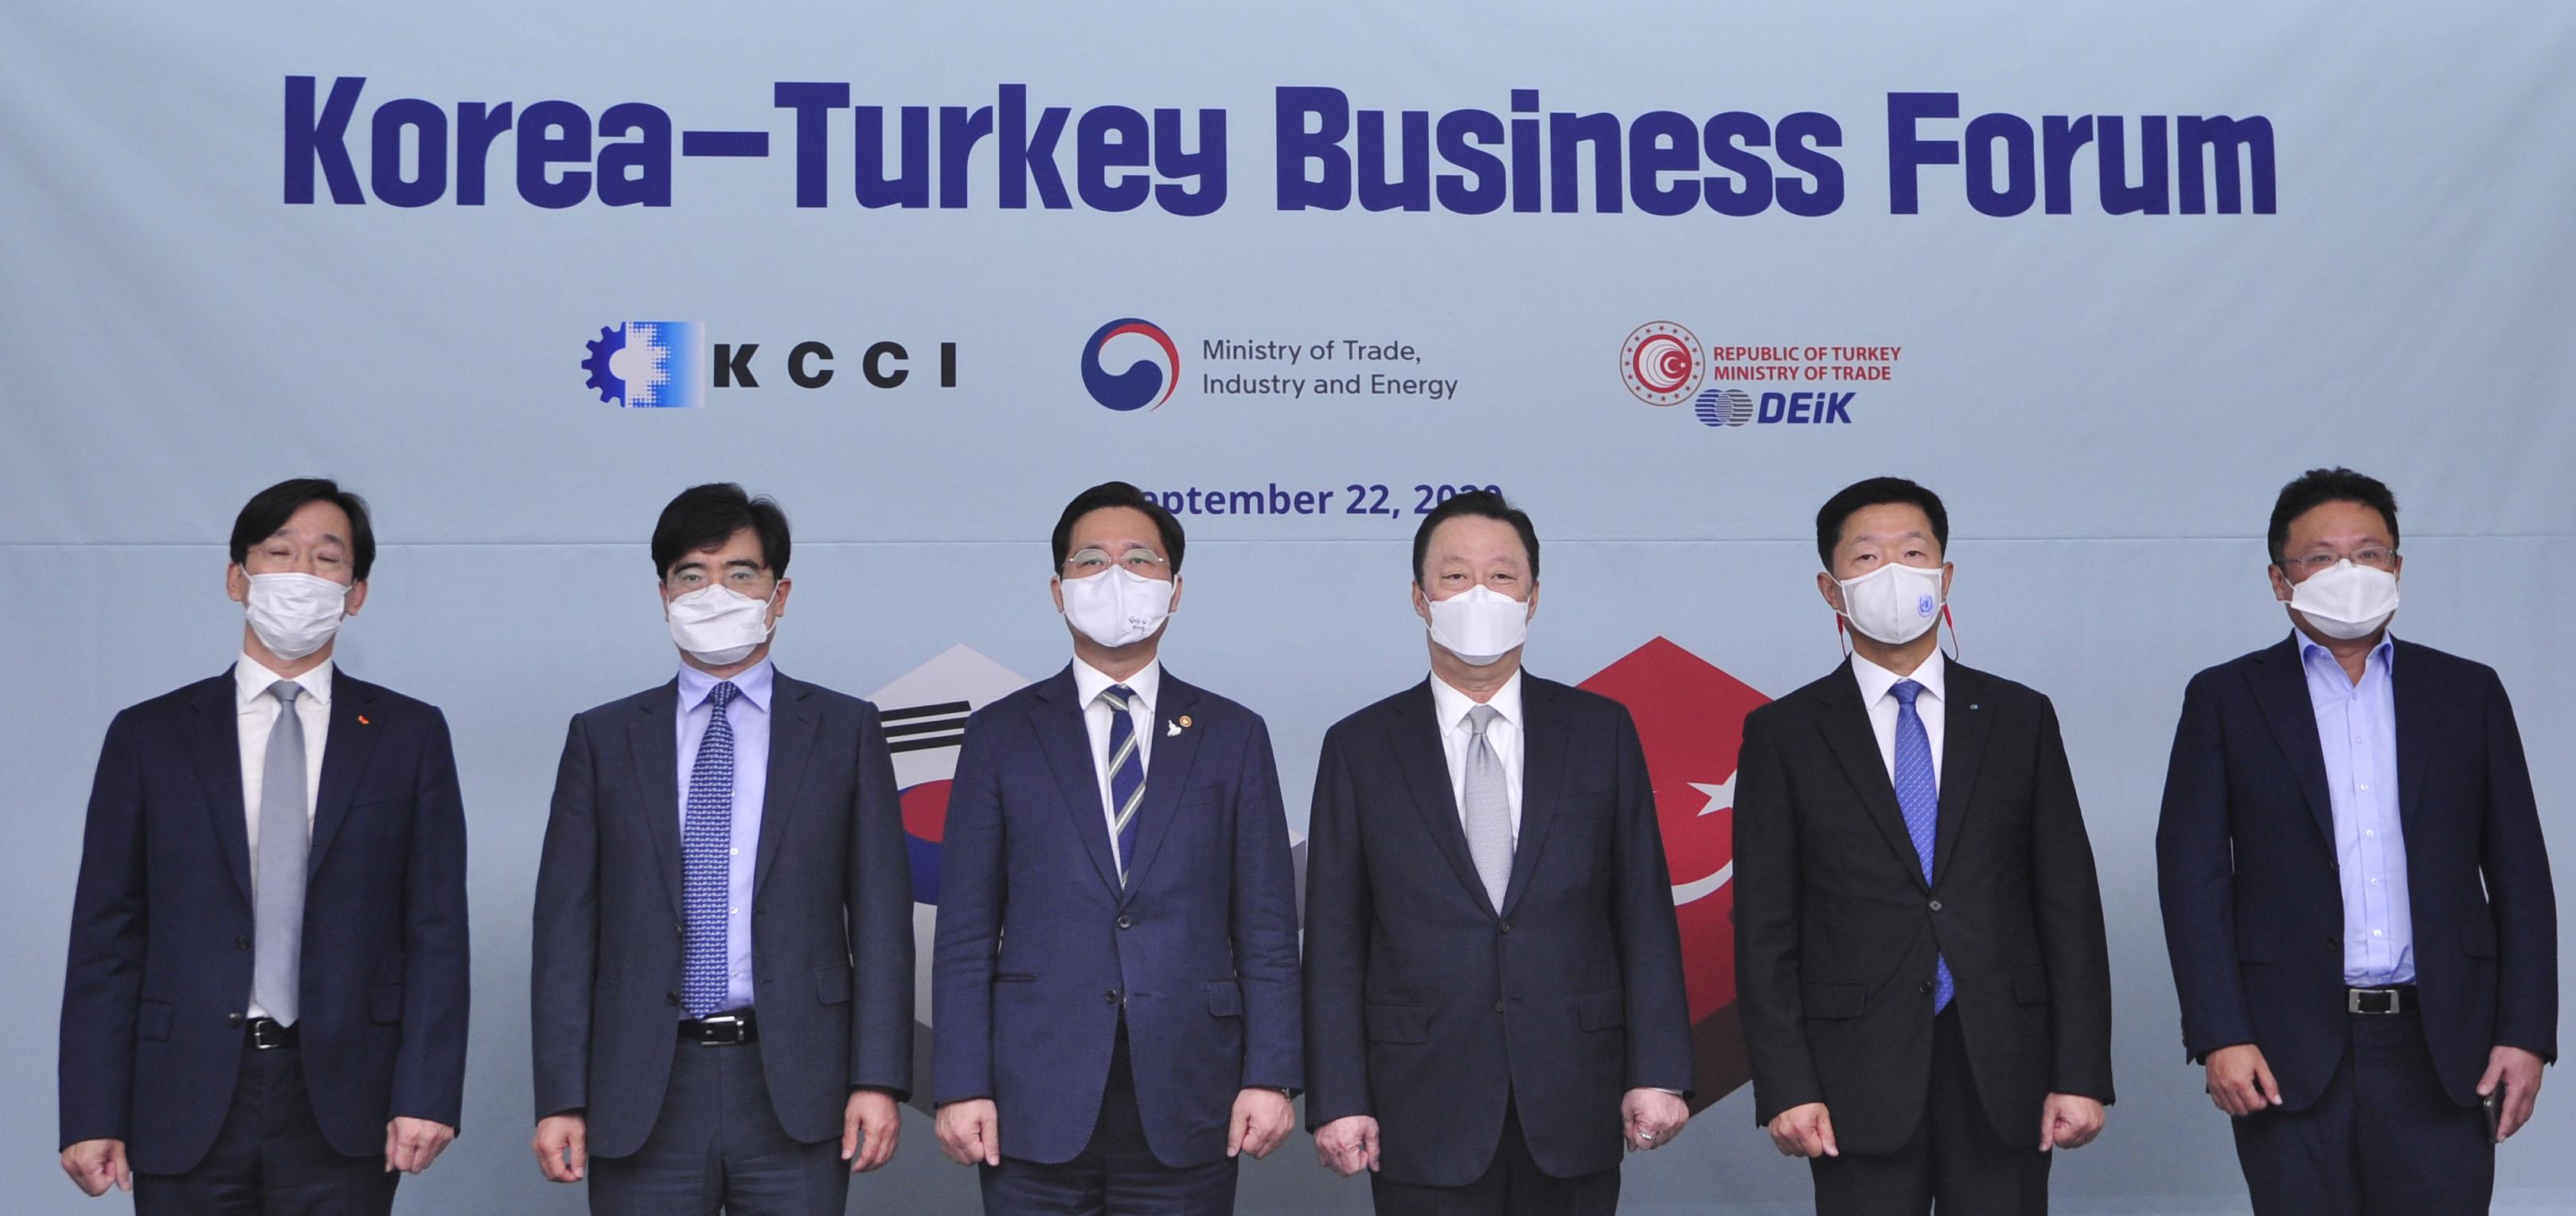 '한국·터키 온라인 비즈니스 포럼' 개최